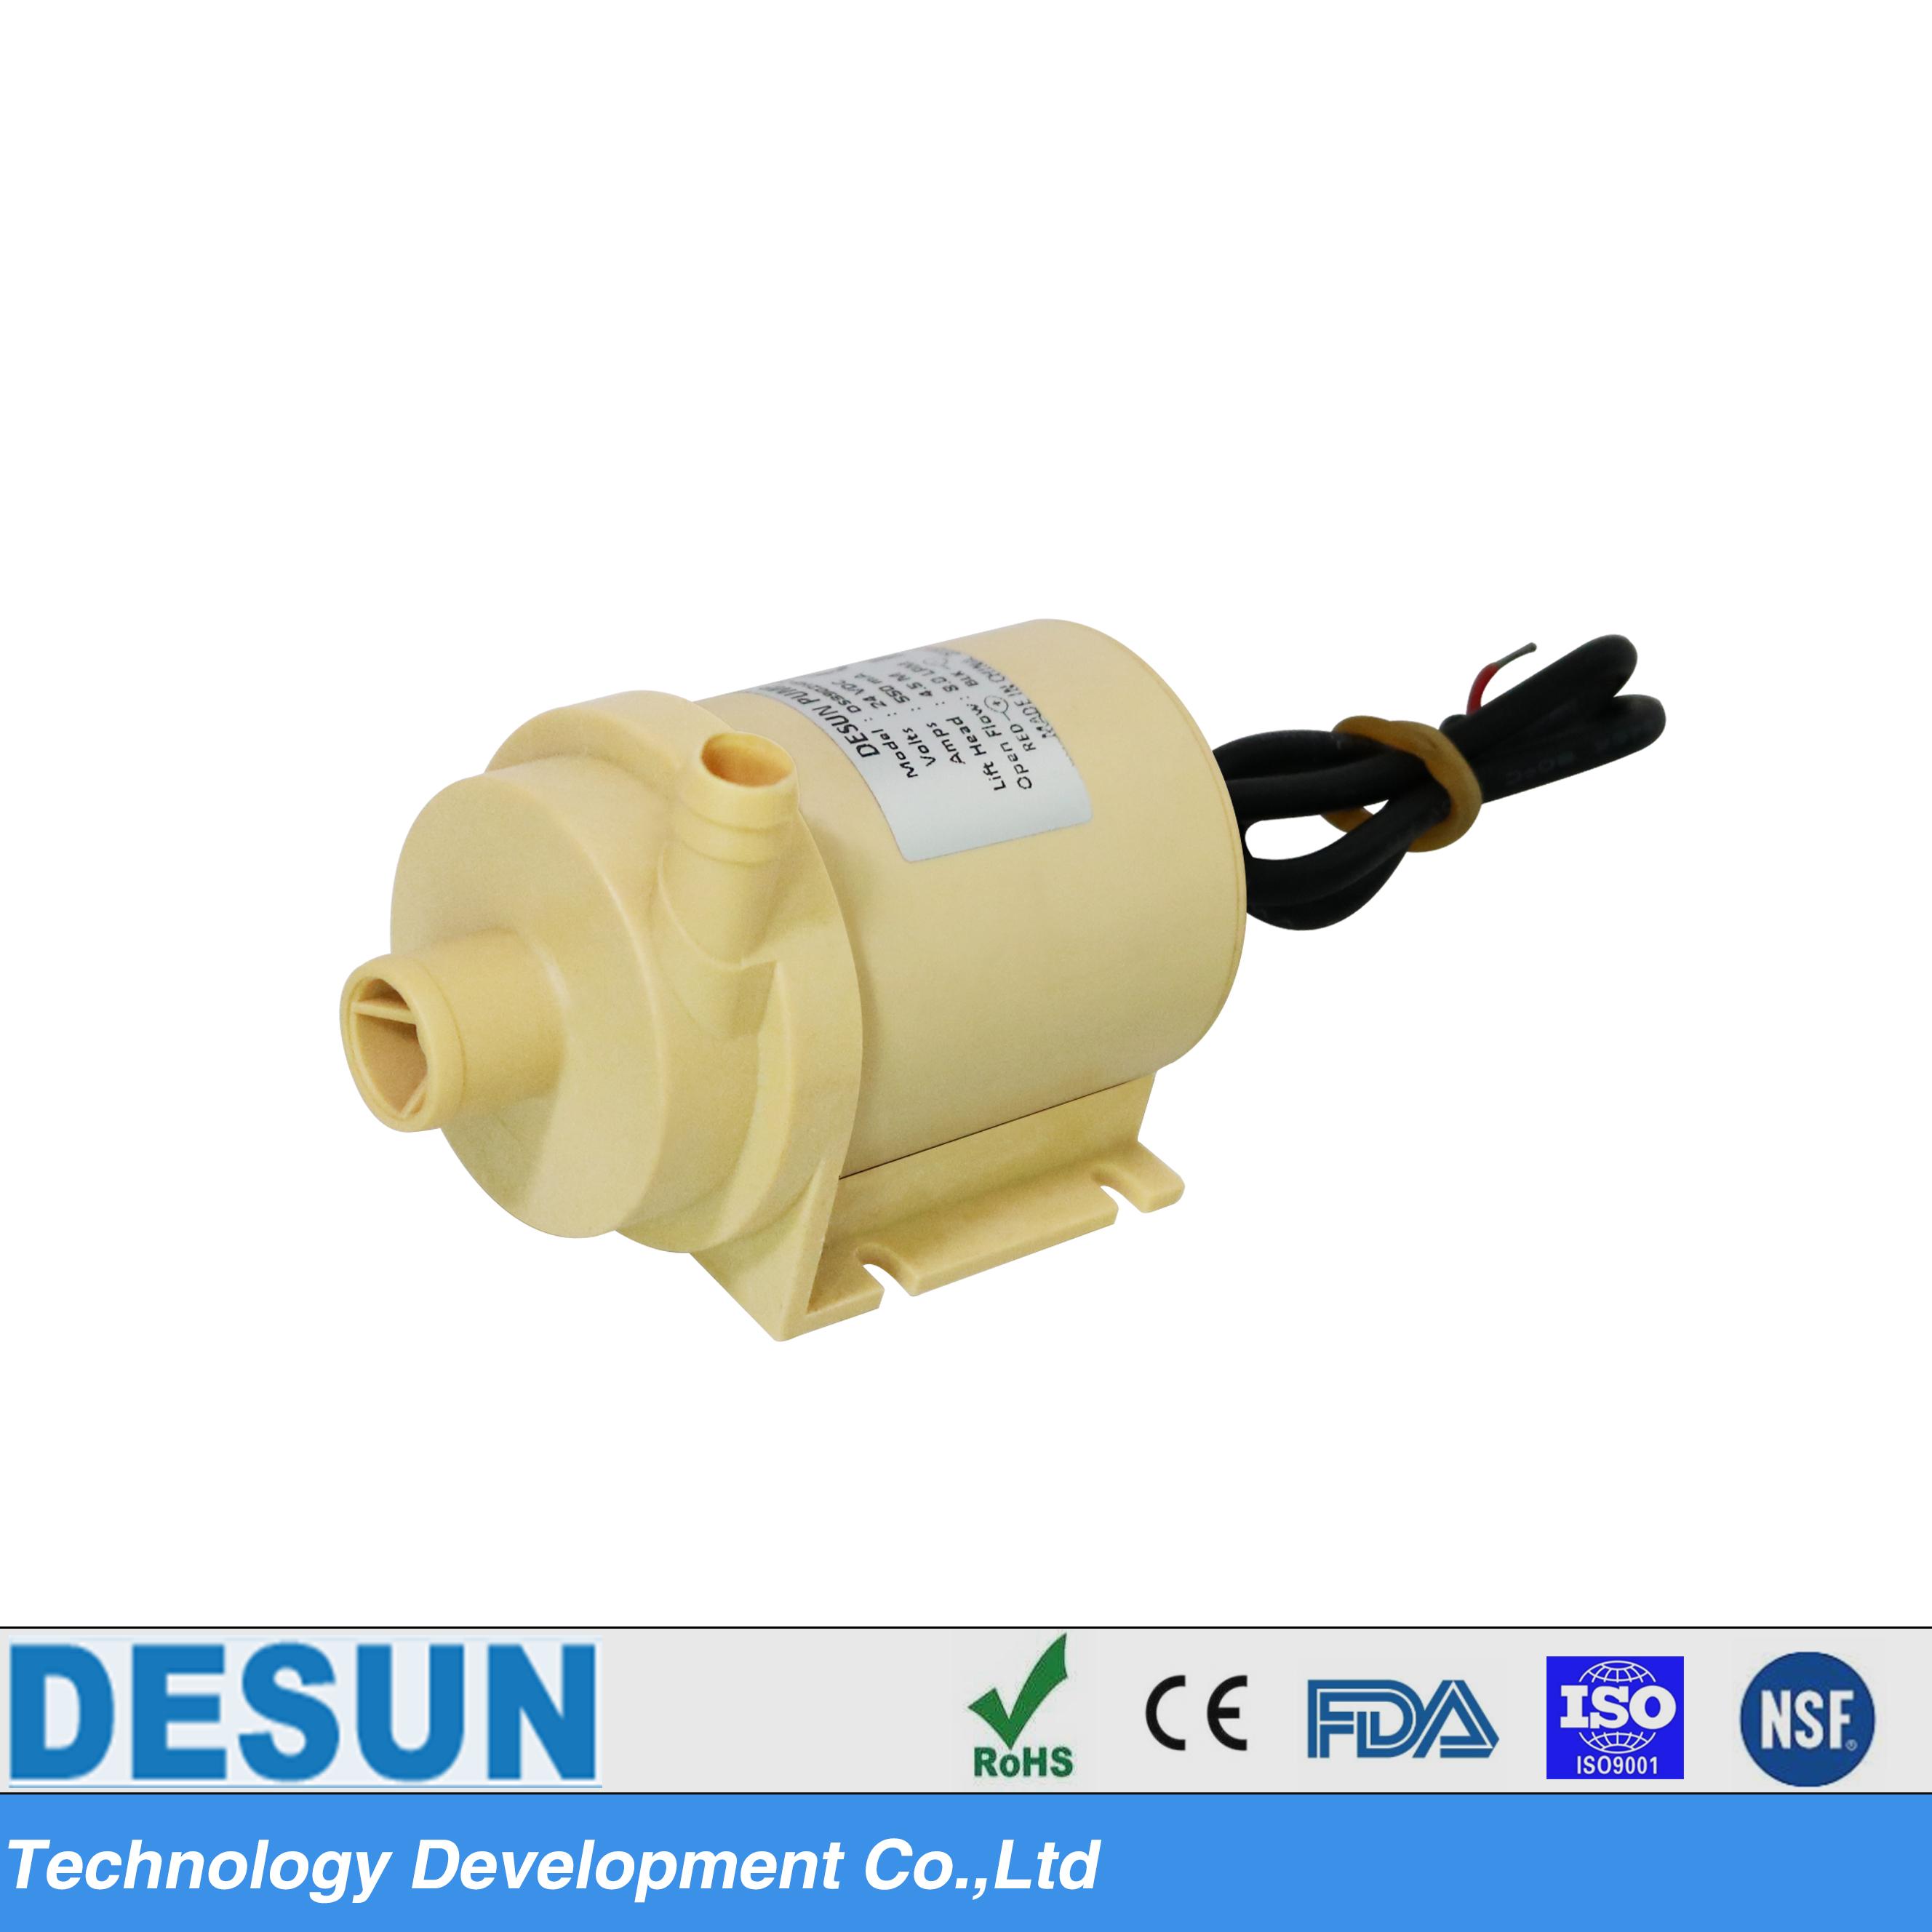 微型食品级医疗水泵DS3902H